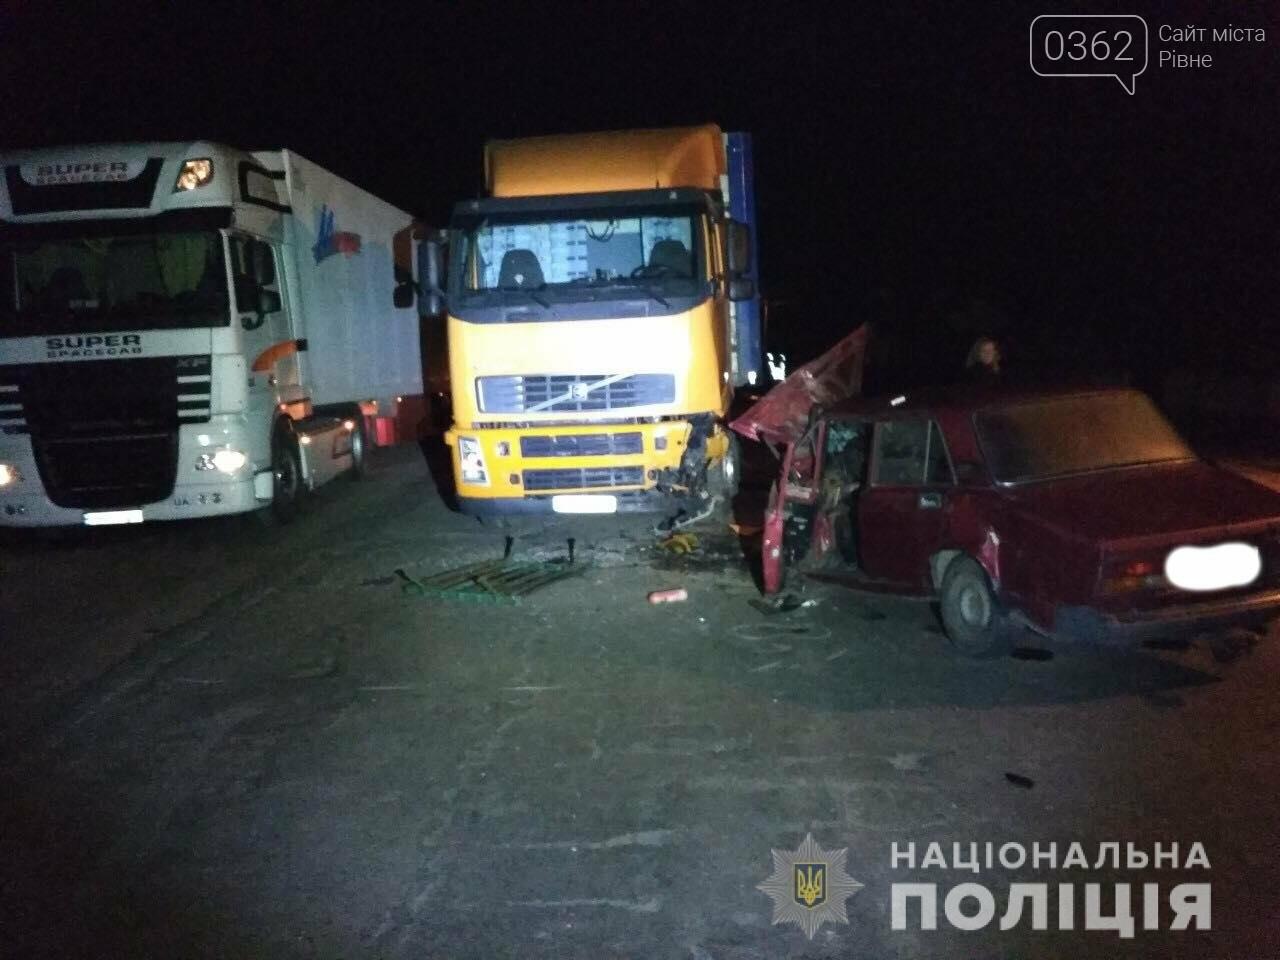 Минулої доби на дорогах Рівненщини у ДТП загинули двоє осіб (ФОТО) , фото-2